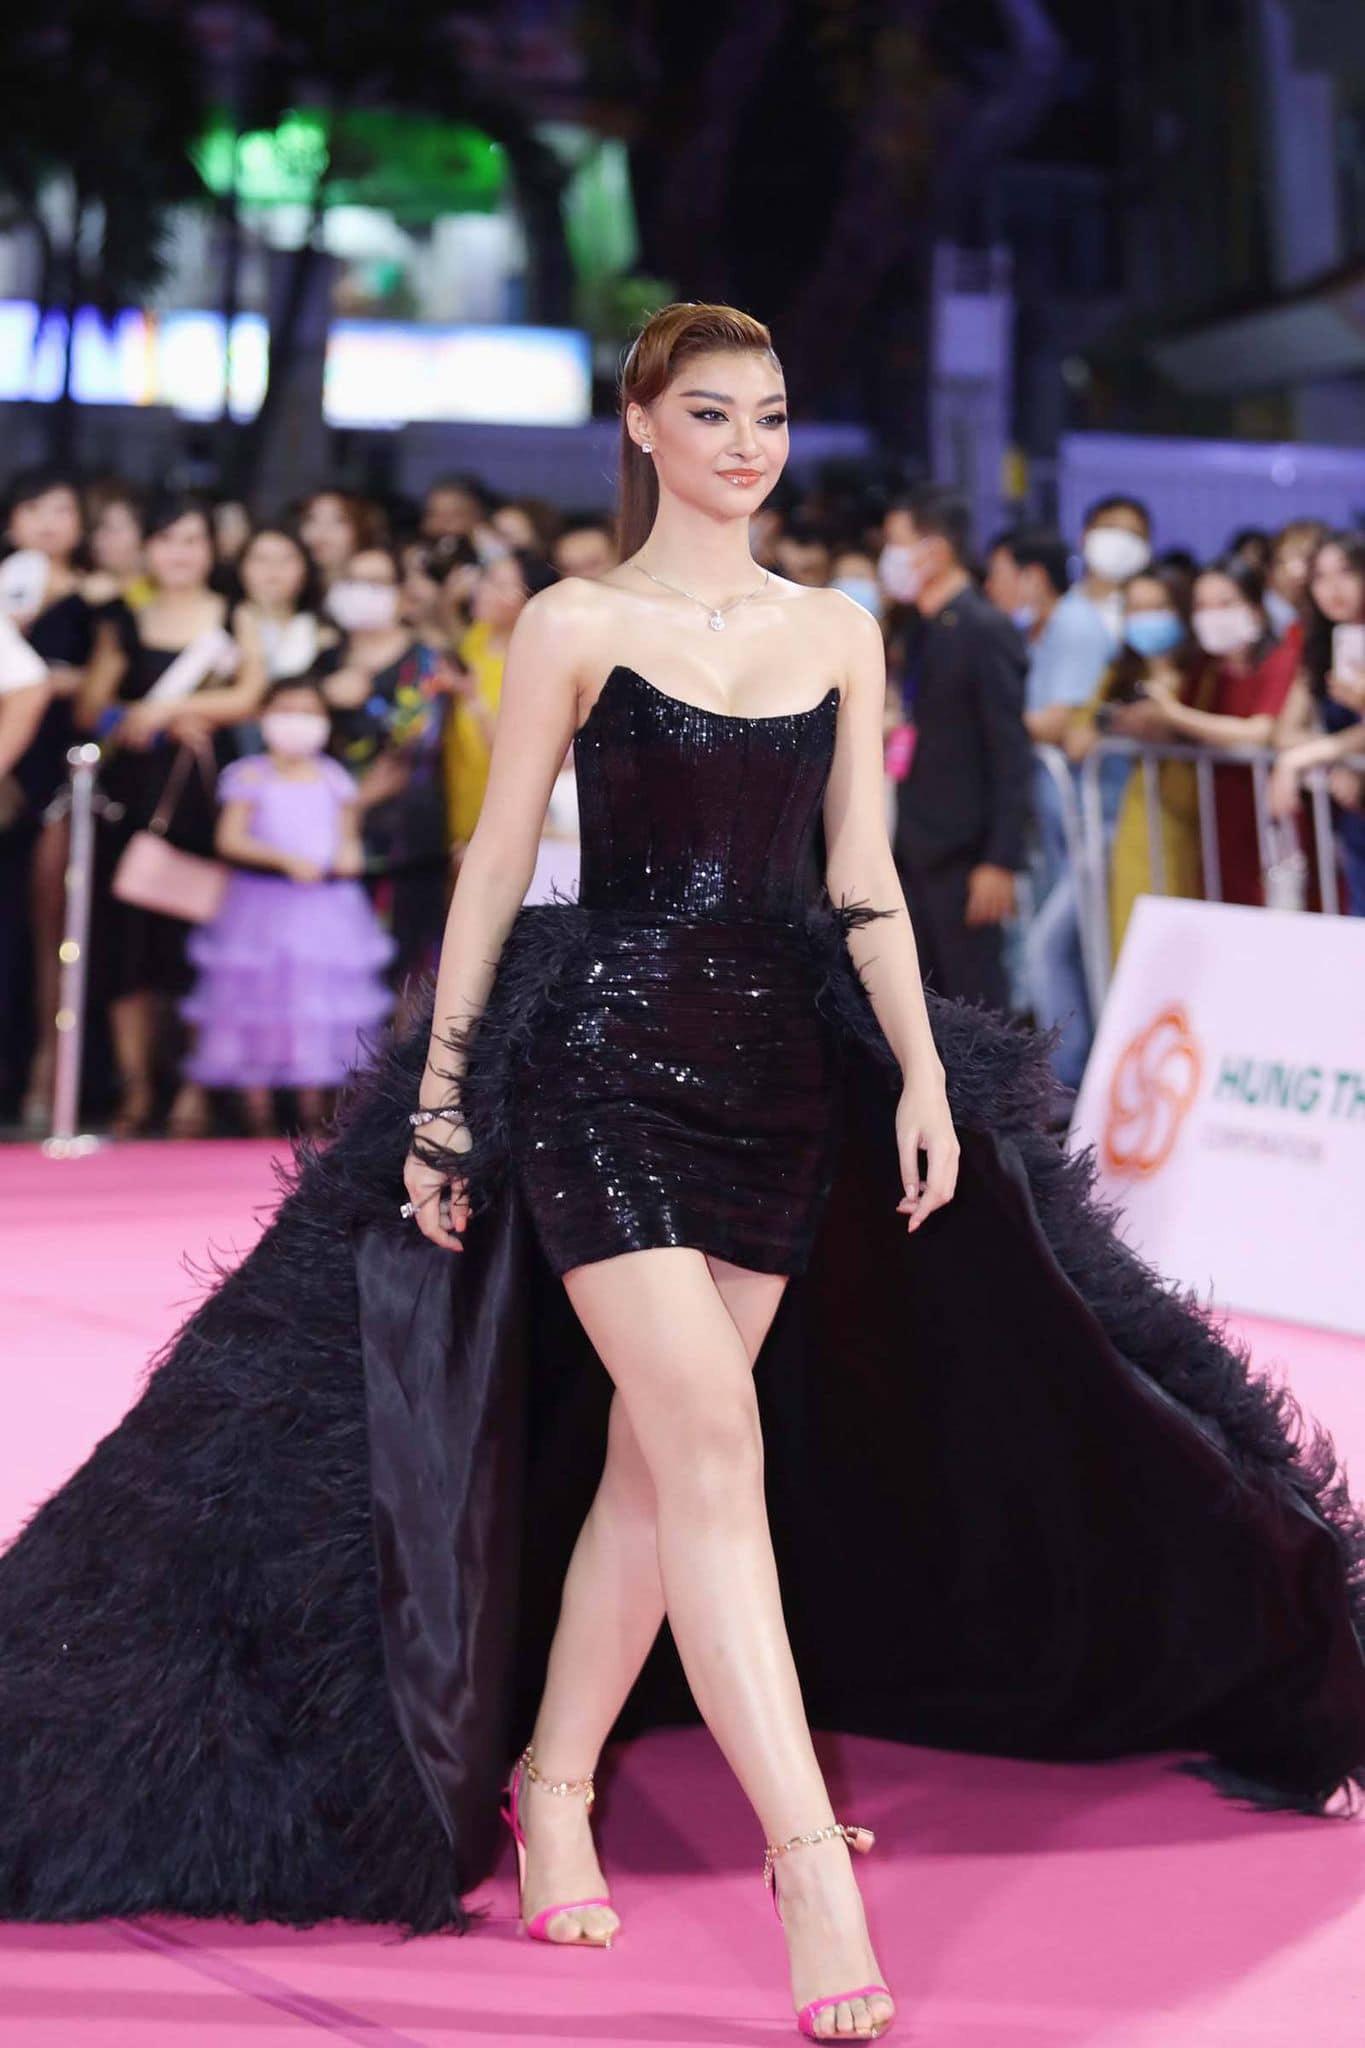 """Trần Tiểu Vy mặc váy xẻ cao """"bất tận"""", Thùy Tiên mặc xuyên thấu quyến rũ tại thảm đỏ Hoa hậu Việt Nam 2020  - Ảnh 6."""